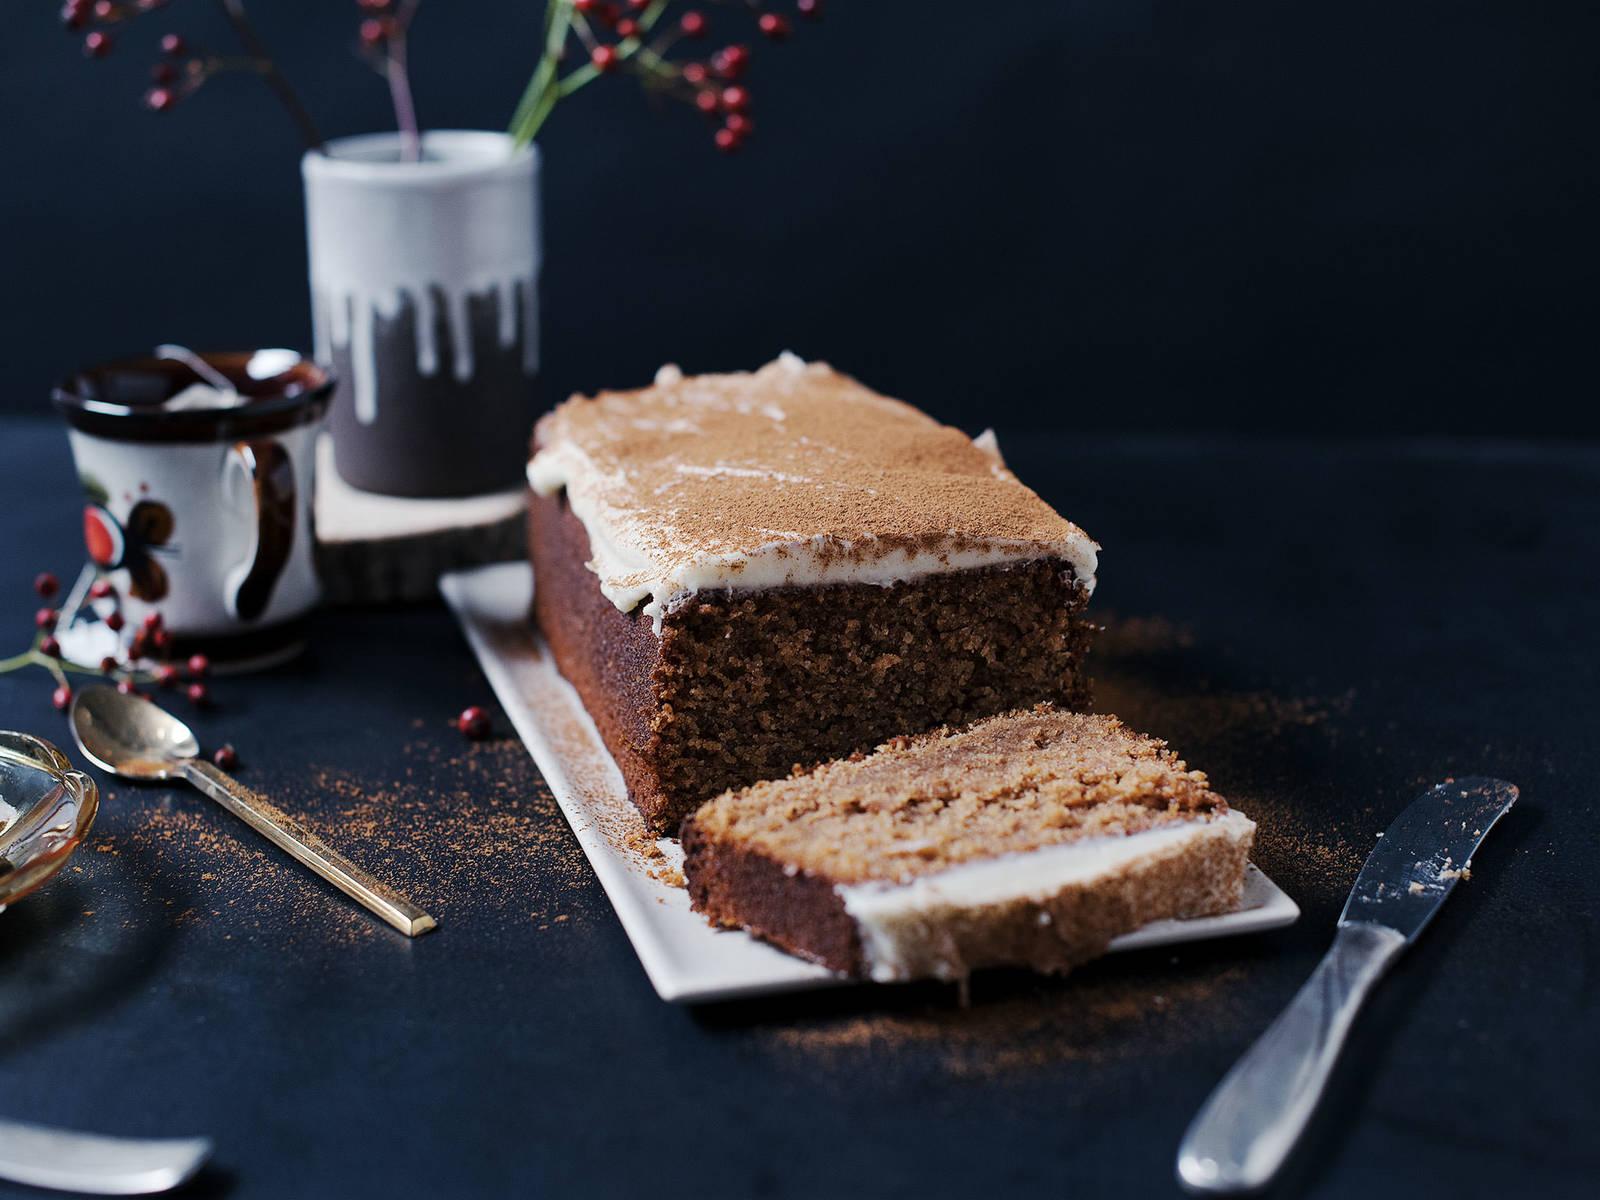 Gingerbread loaf cake